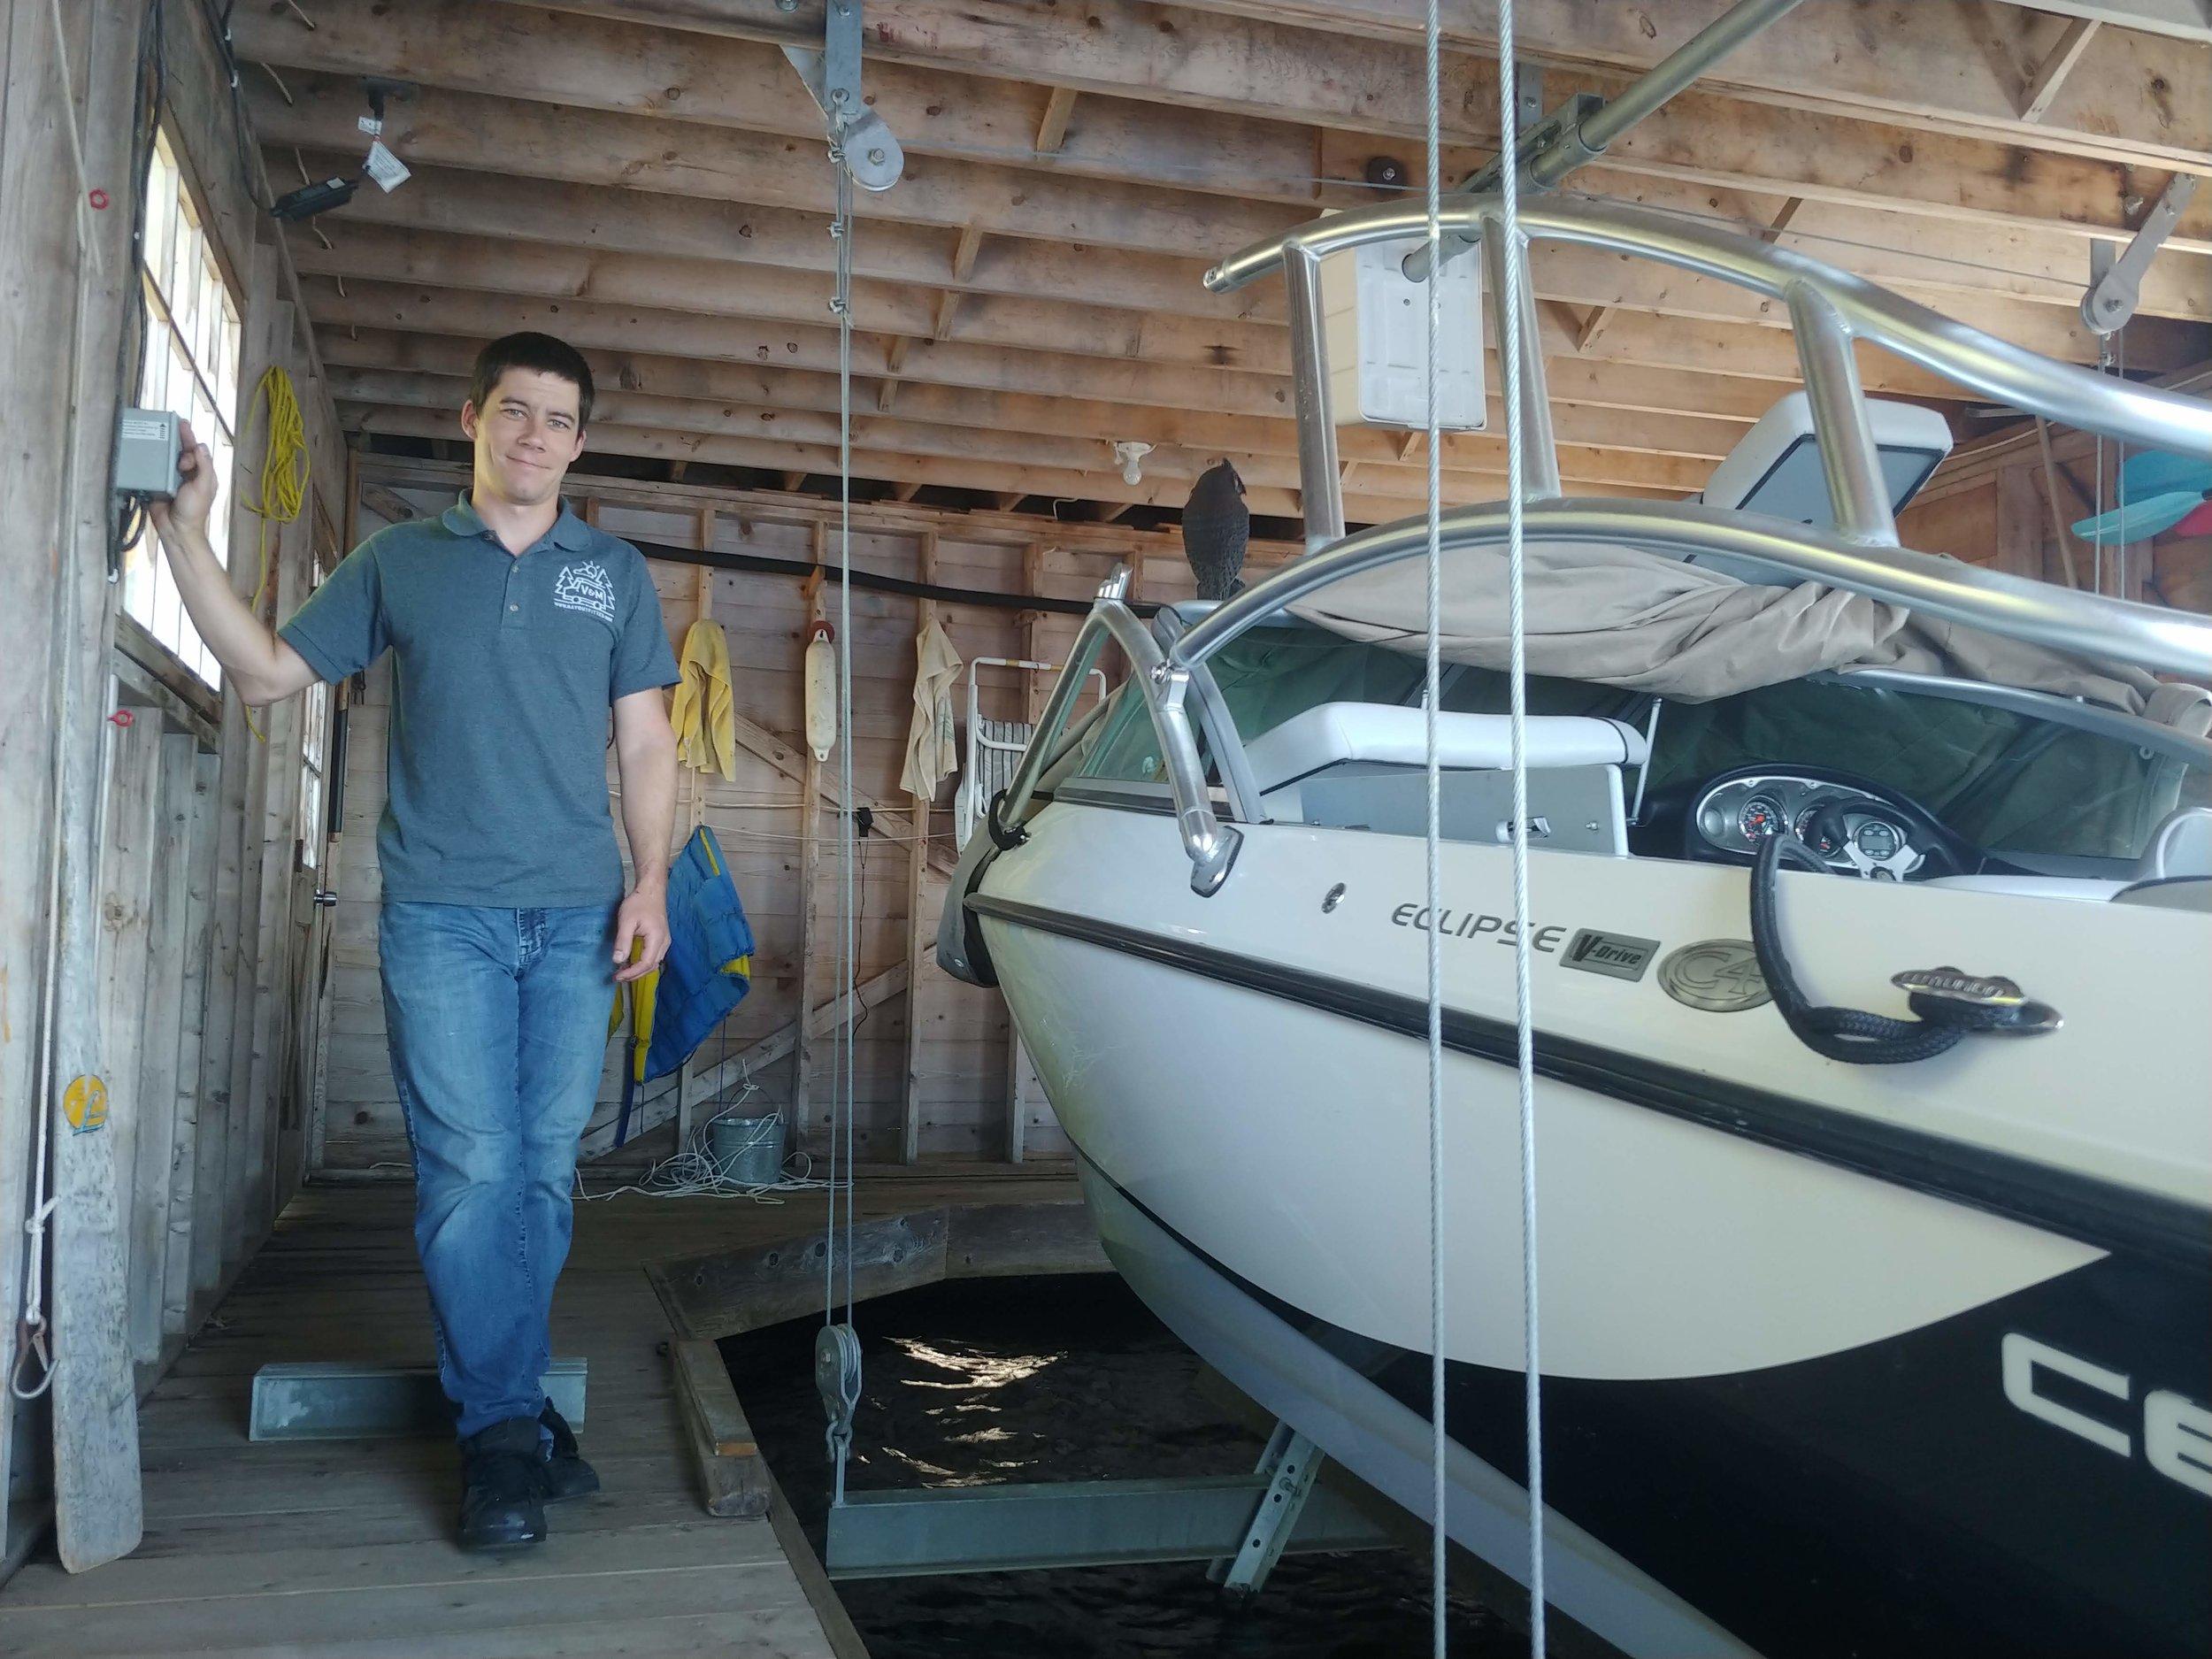 Winterize/Summerize - In Boathouse